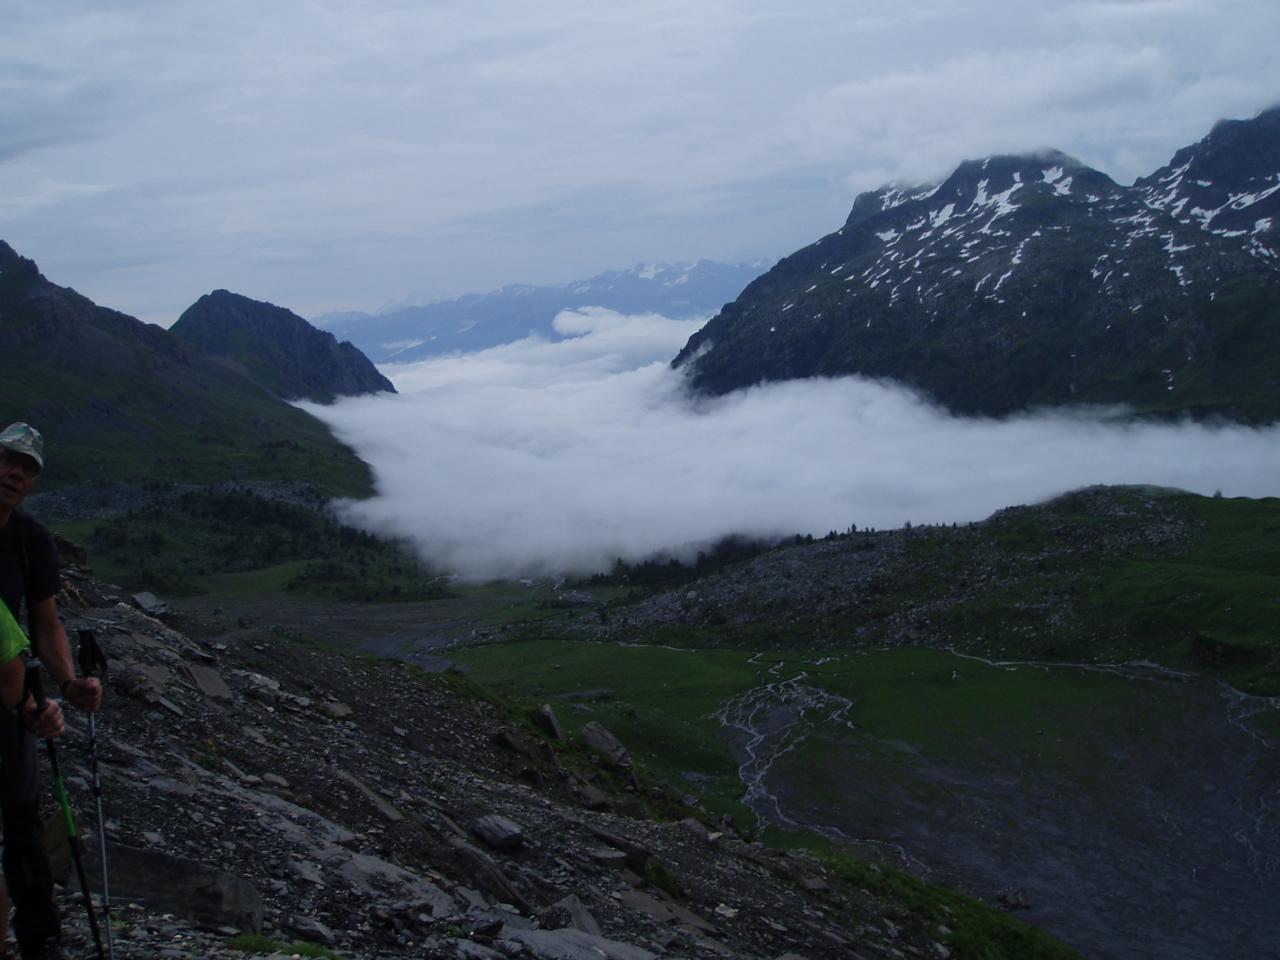 le lac sous les nuages